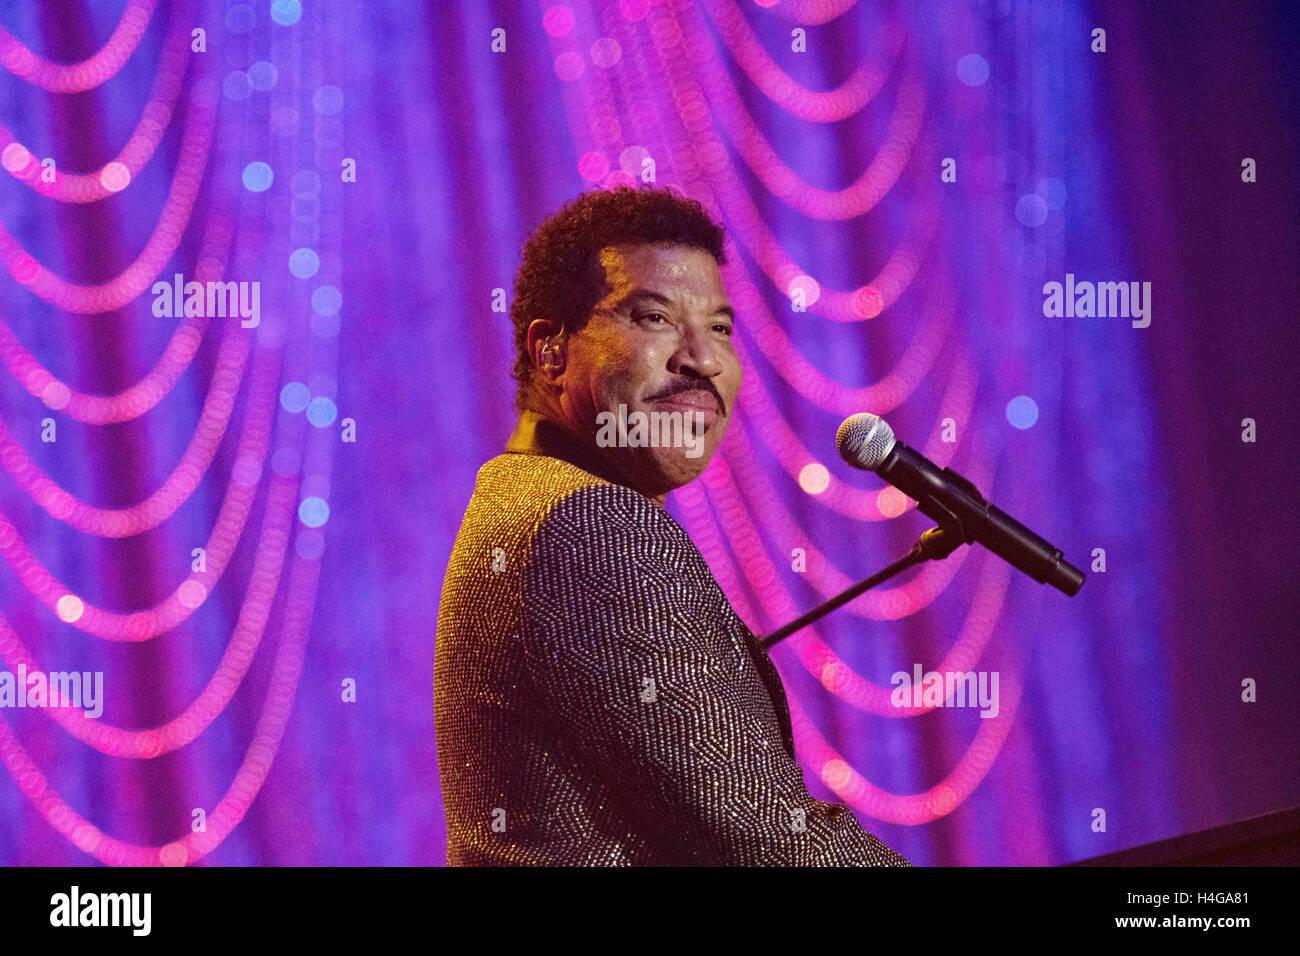 Filadelfia, Pensilvania, Estados Unidos. 15 Oct, 2016. La legendaria cantante Grammy escritor y actor, Lionel Richie, Imagen De Stock